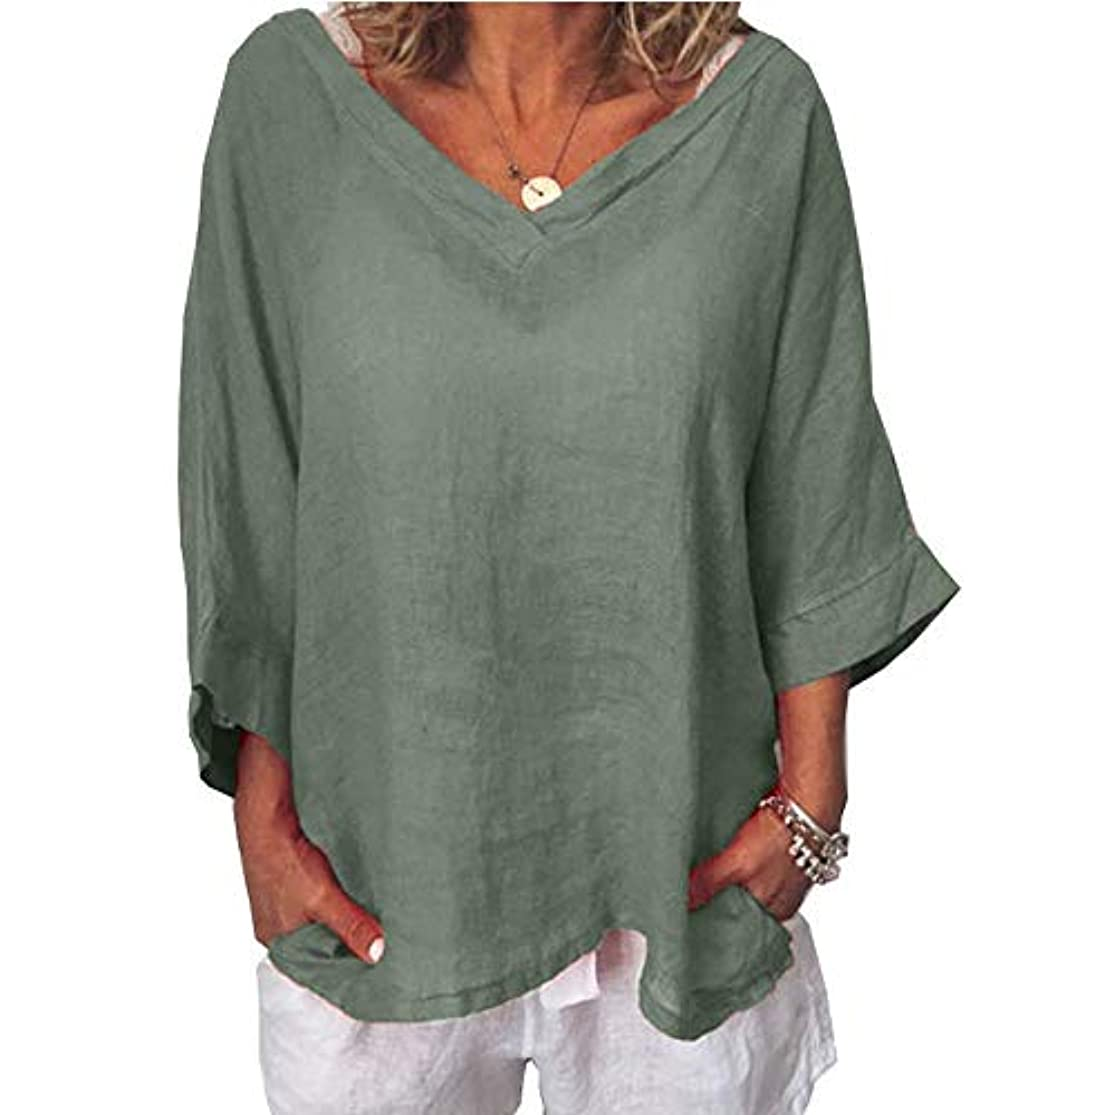 自発的着飾るマットレスMIFAN女性ファッションカジュアルVネックトップス無地長袖Tシャツルーズボヘミアンビーチウェア